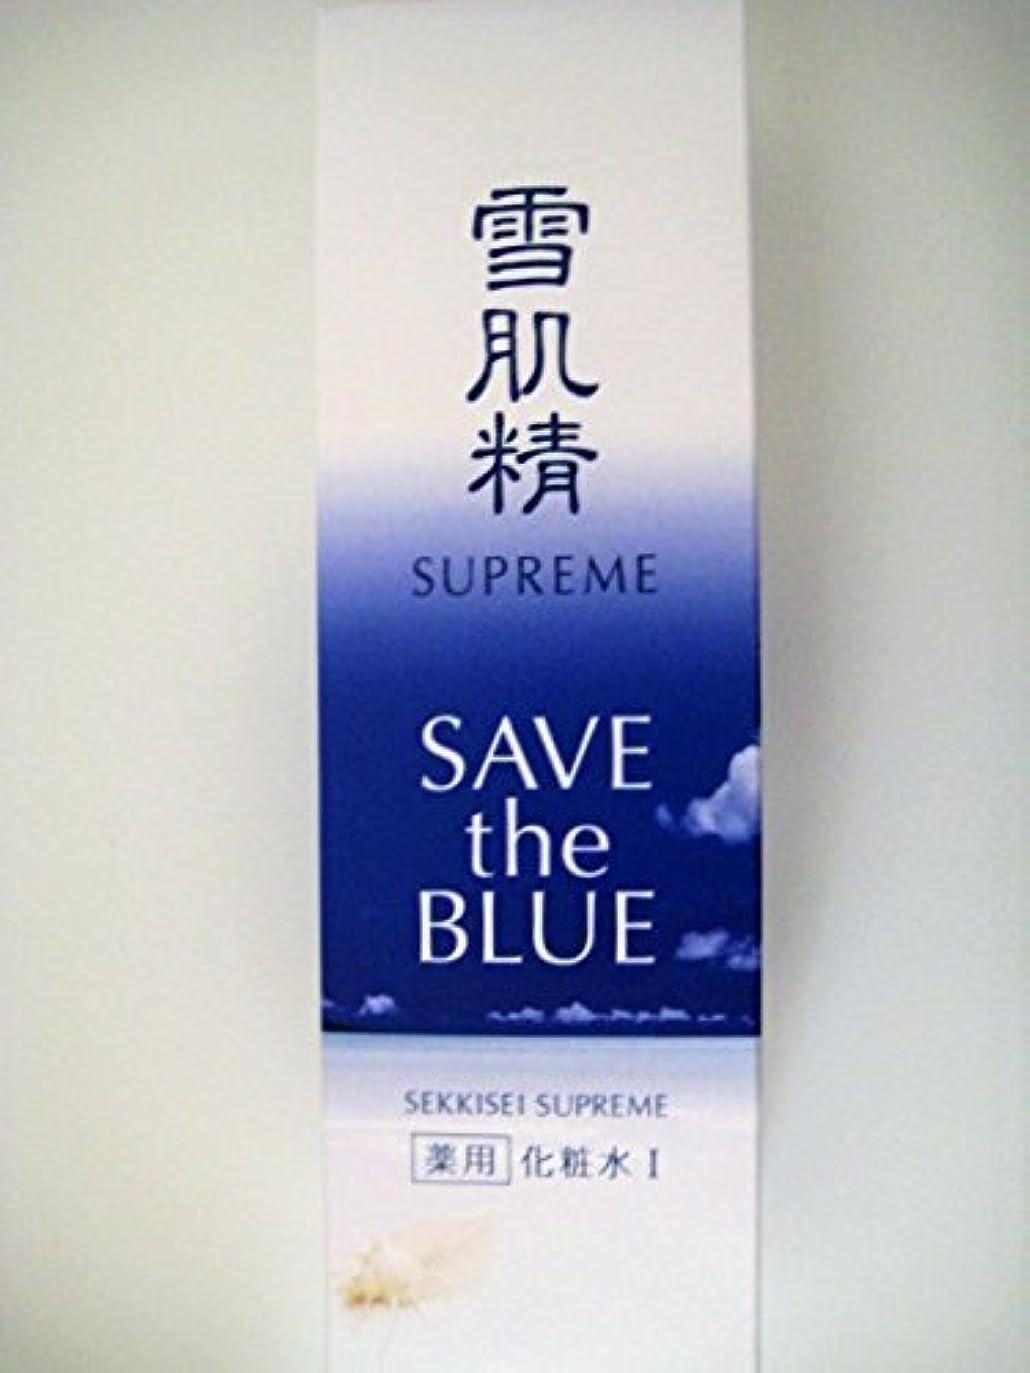 弾力性のあるチョーク加害者雪肌精 シュープレム 化粧水 Ⅰ SAVE THE BLUE 400ml